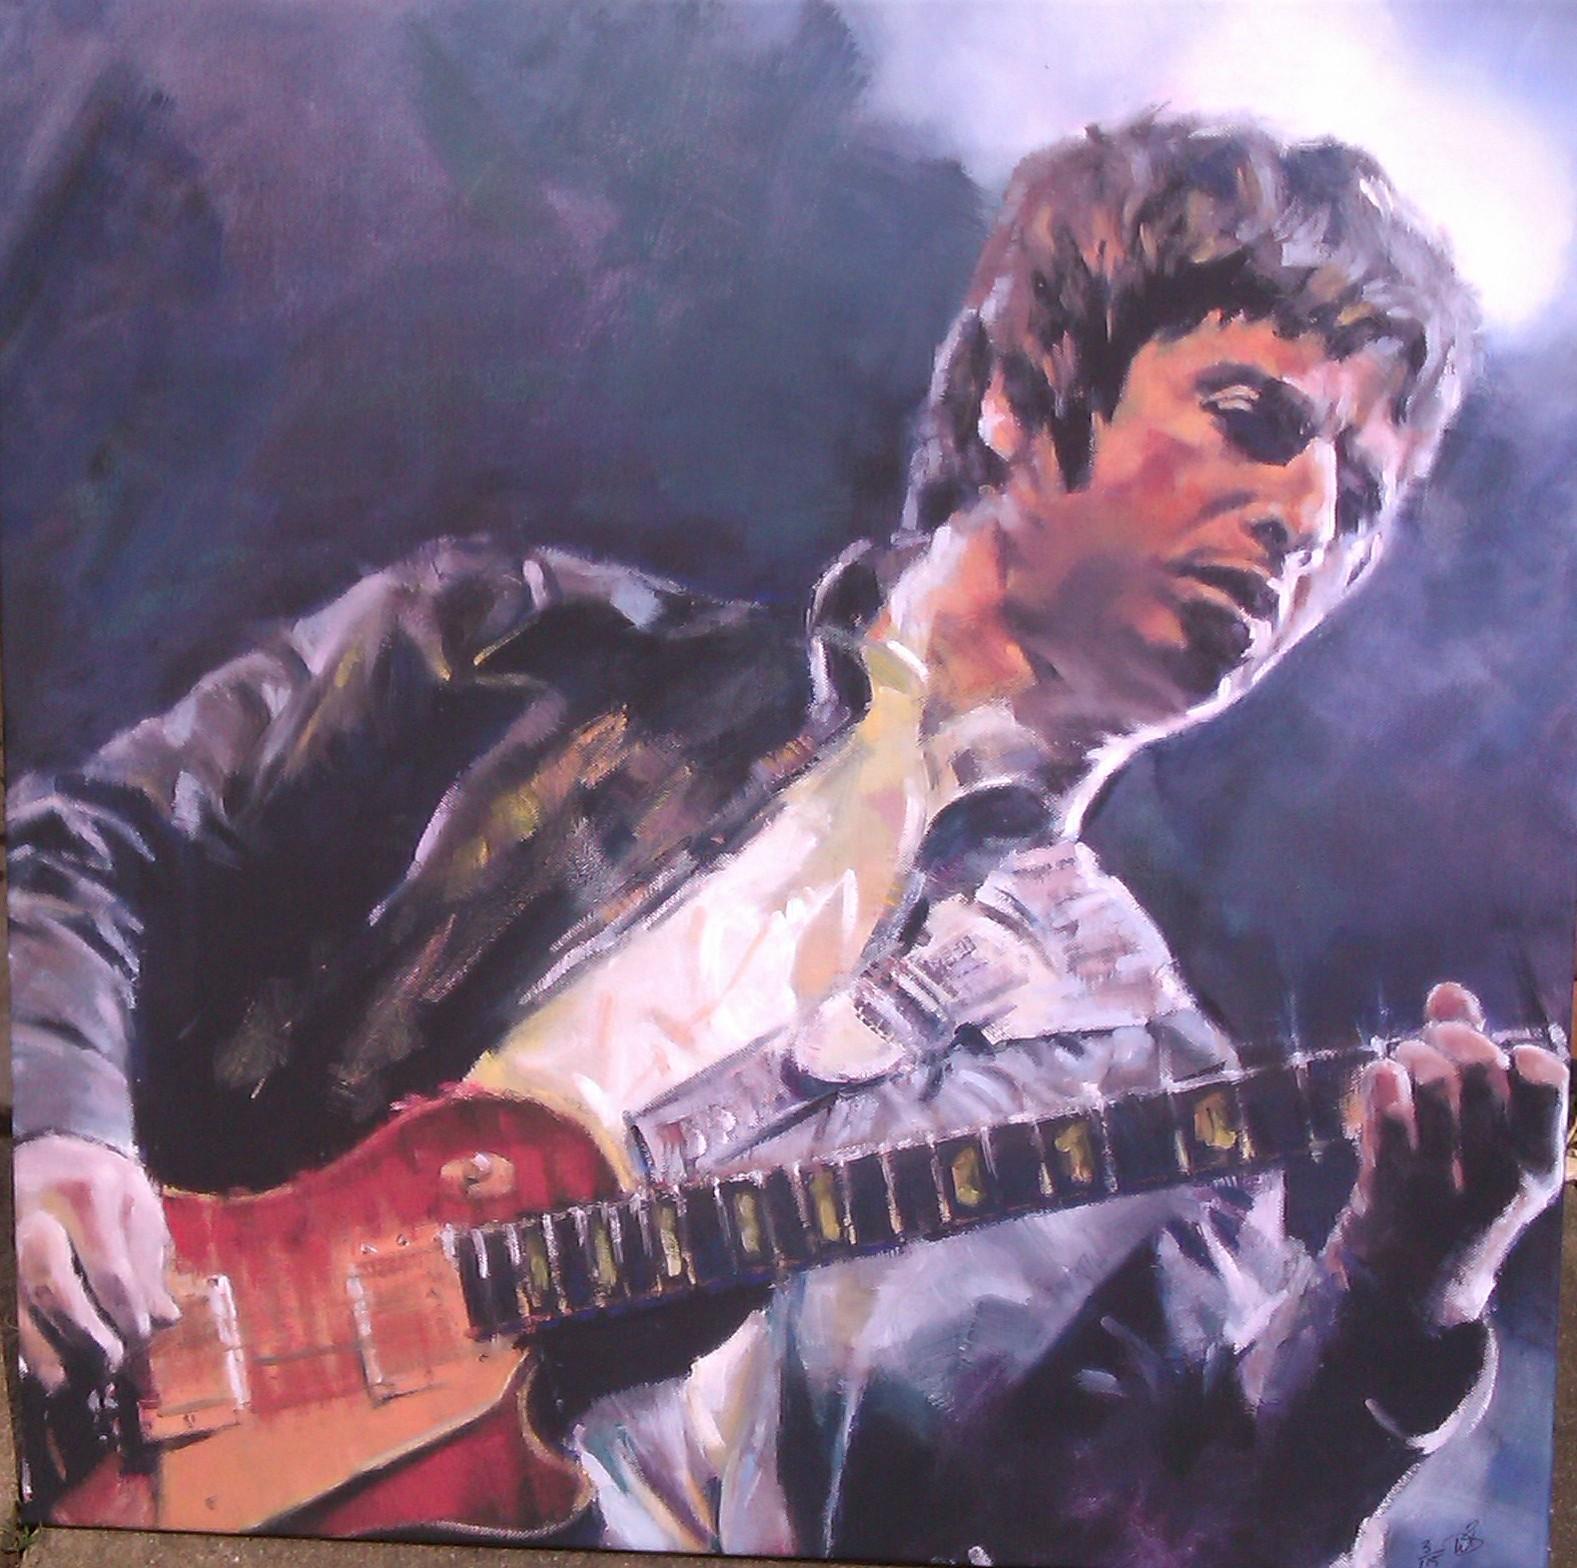 Noel Gallagher Buy Print Http Www Ebay Co Uk Itm 190687644292 Sspagename Sp3984 M155trk Pop Art Fan Art 31052694 Fanpop